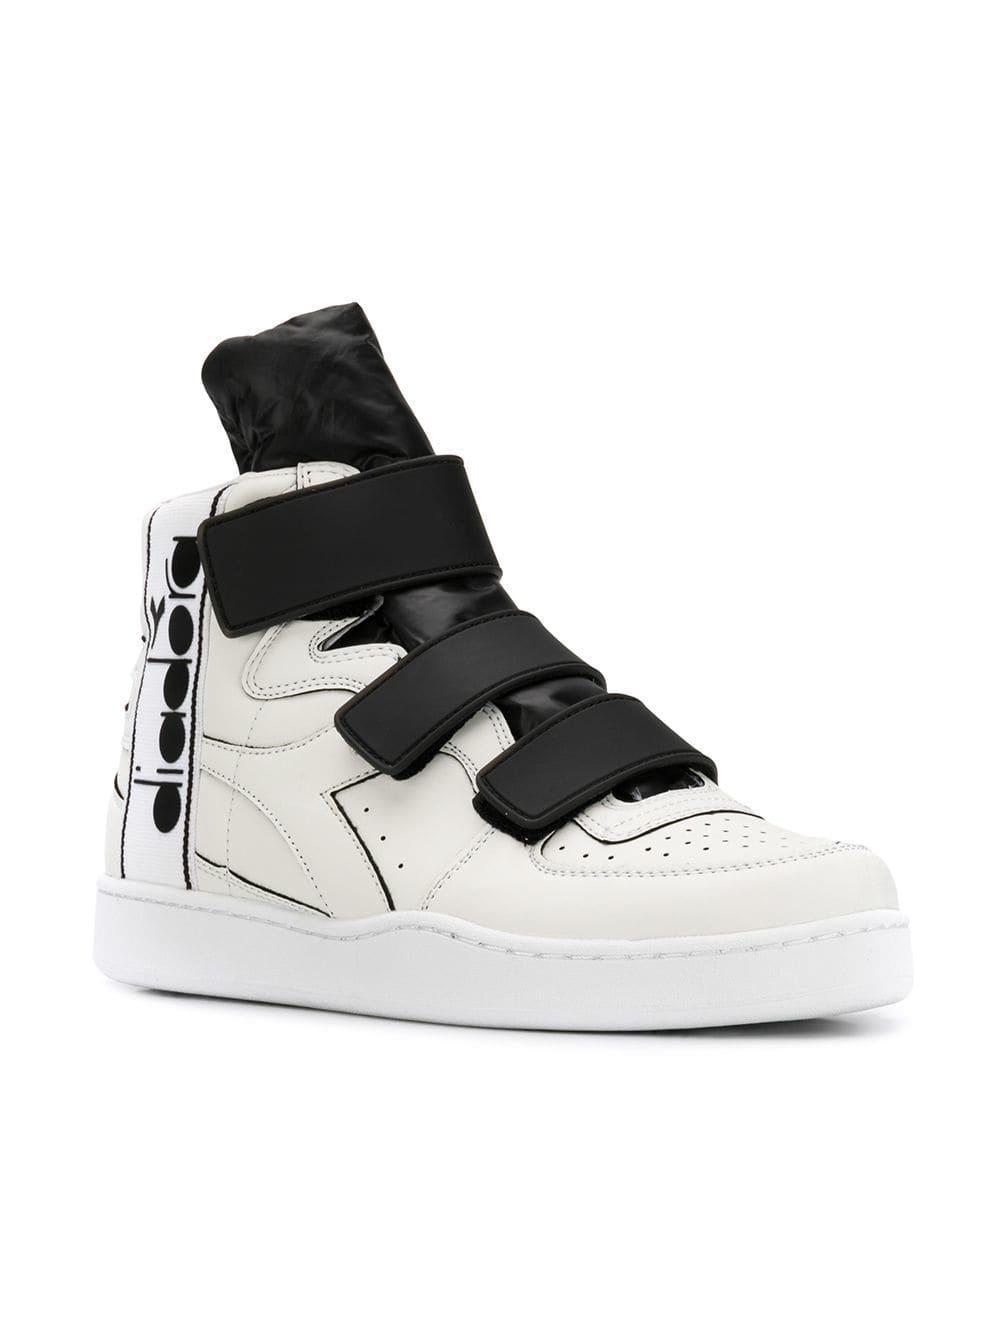 a01b4db7 Diadora White Basket Tape Hi-top Sneakers